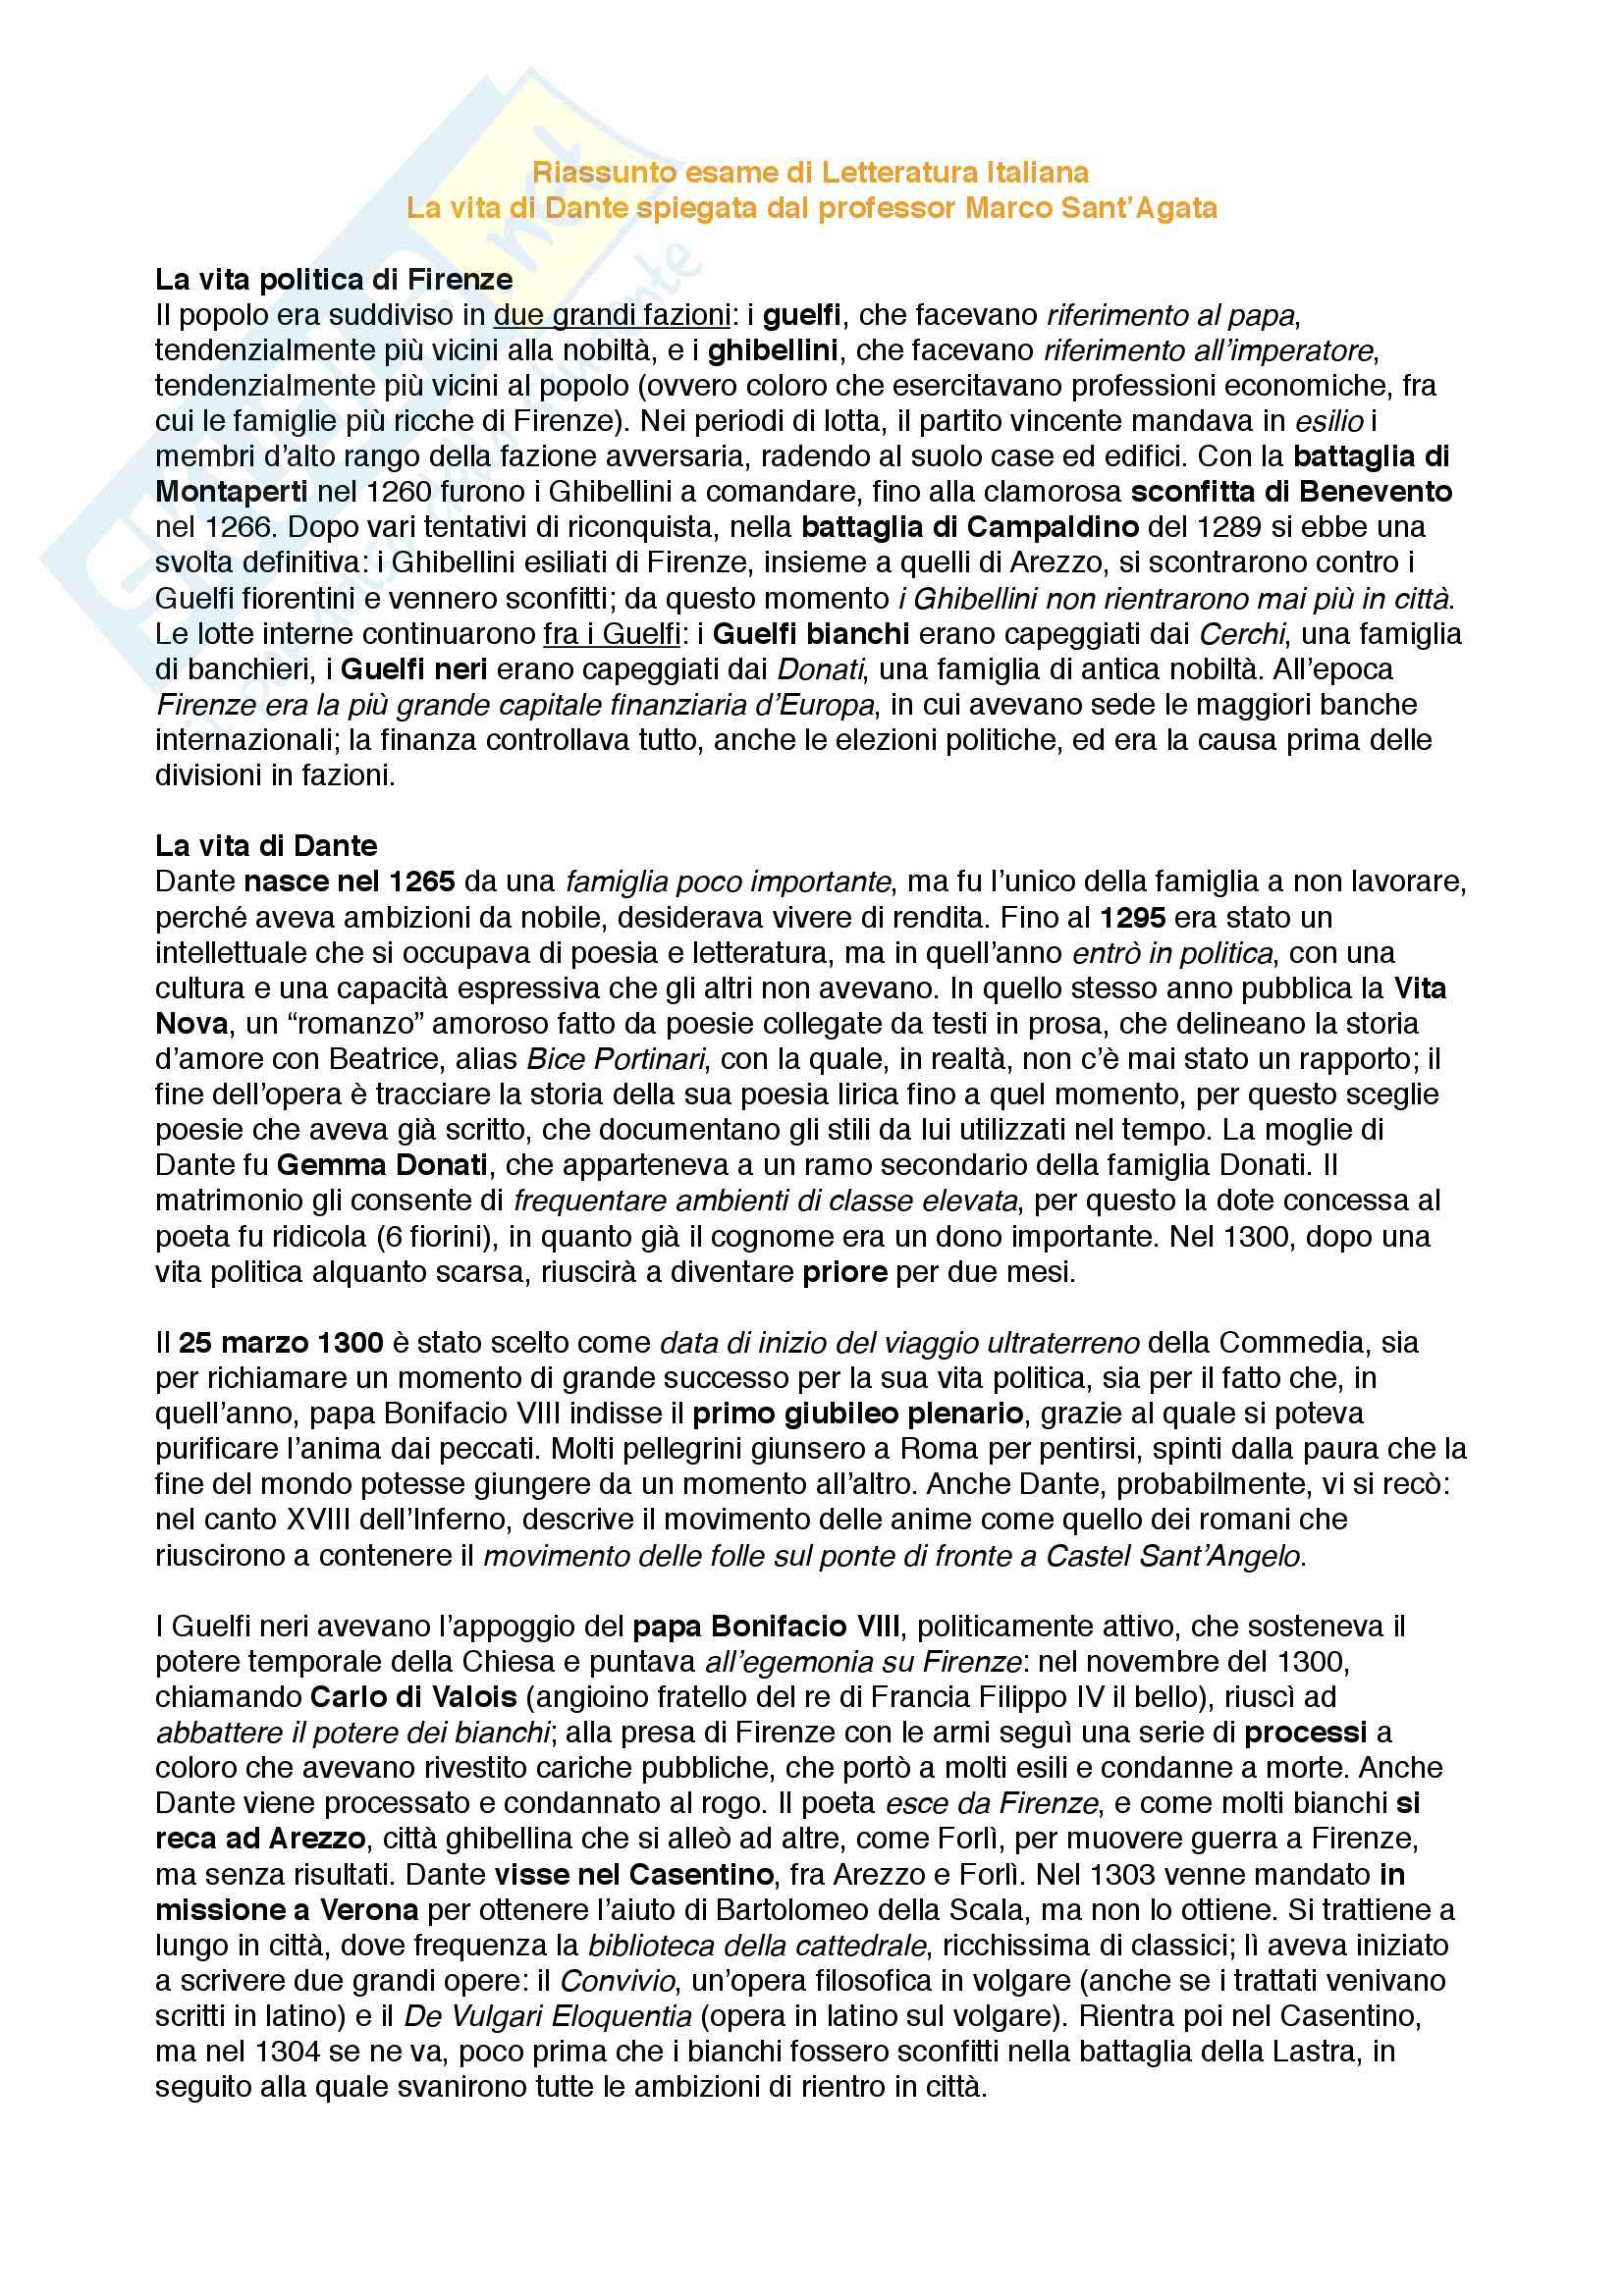 """Riassunto esame Letteratura Italiana, prof. Santagata e Pacca, libro adottato """"Dante. Il romanzo della sua vita"""" di Marco Santagata"""